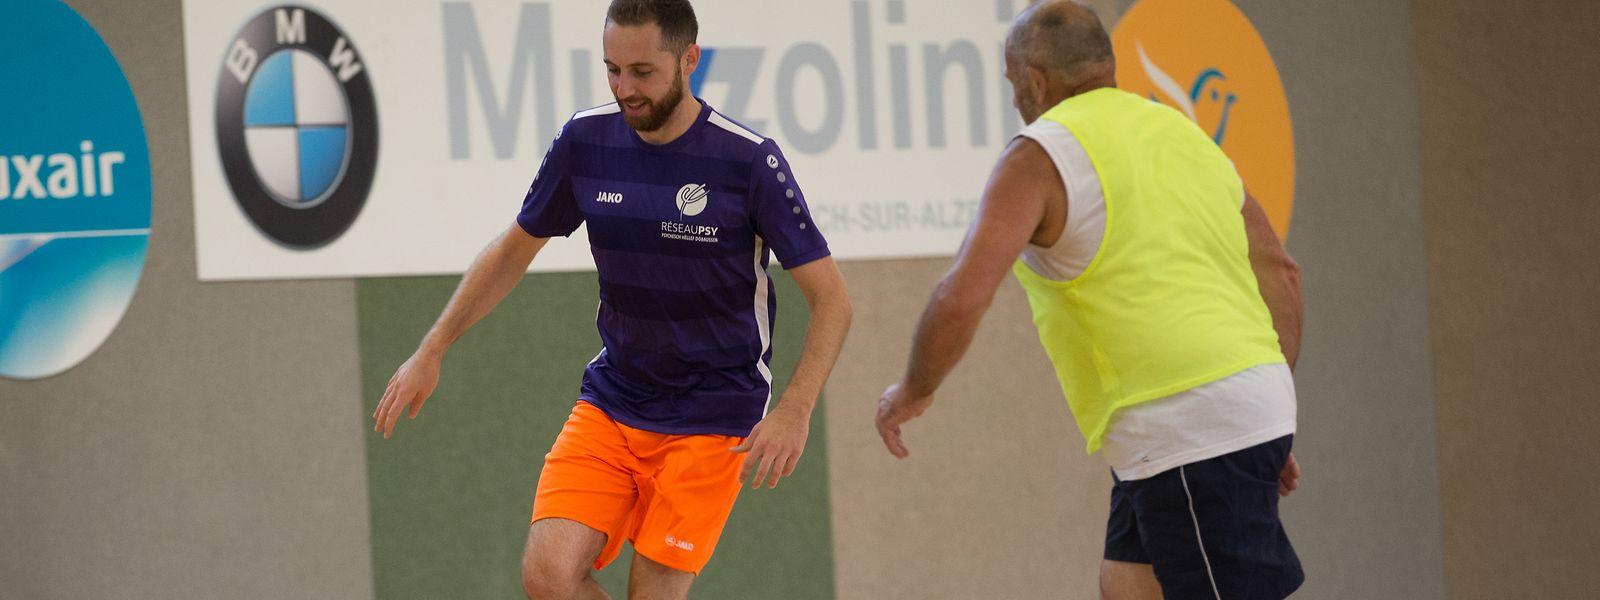 Bei dem Turnier bestanden die meisten Mannschaften sowohl aus Menschen mit einer psychischen Erkrankung wie auch aus Pflegepersonal. Hier ist Krankenpfleger Luca Oberhauser beim Fußballspielen zu sehen.